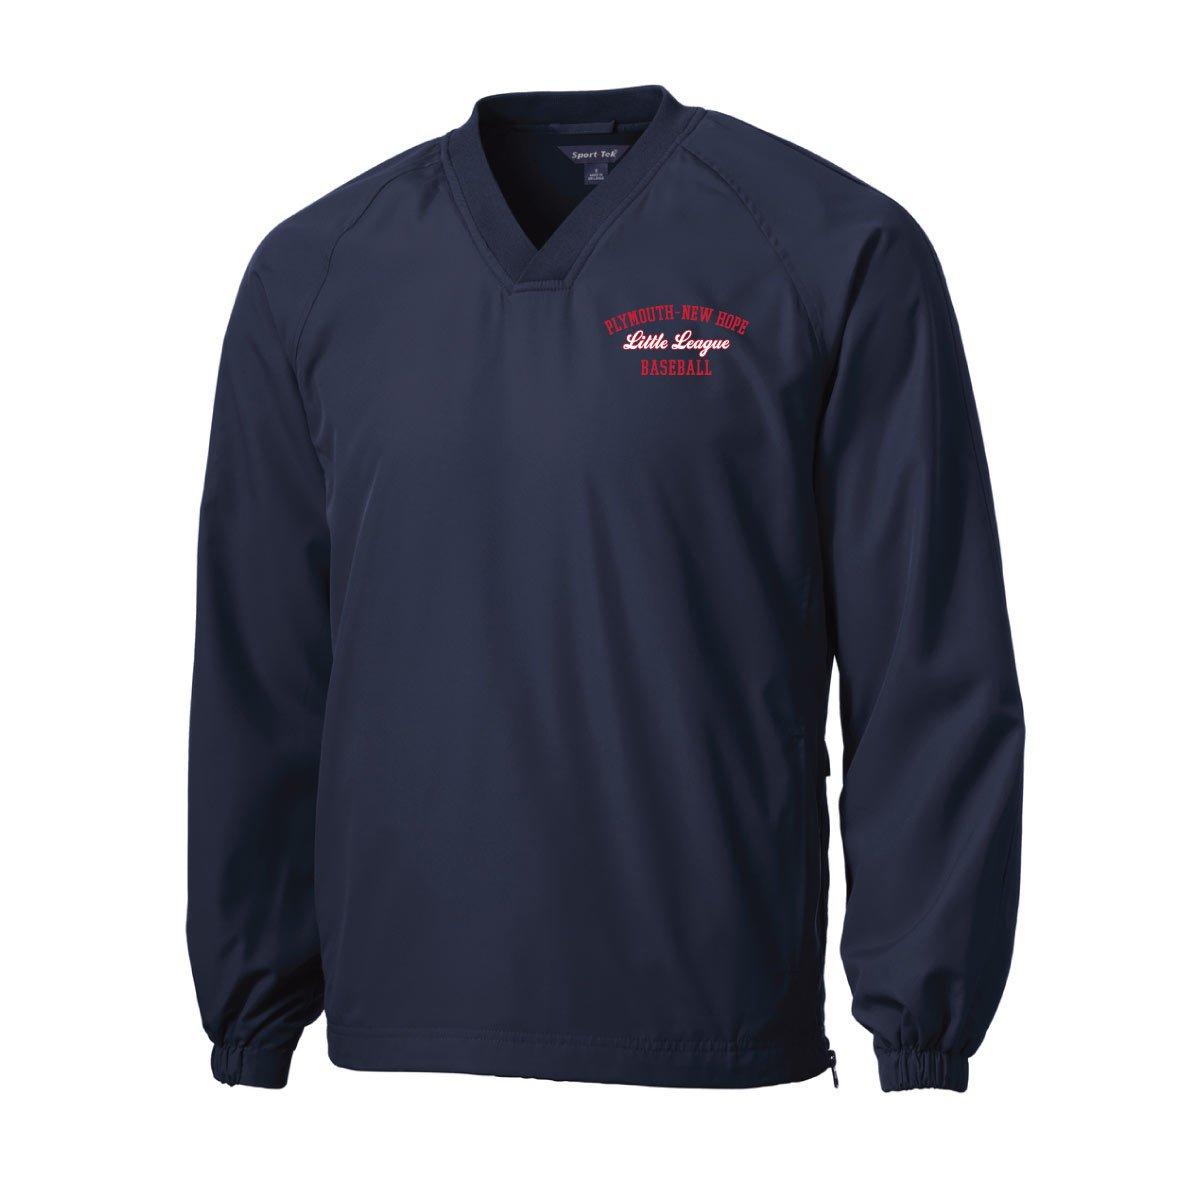 Image of Sport-Tek® V-Neck Raglan Wind Shirt